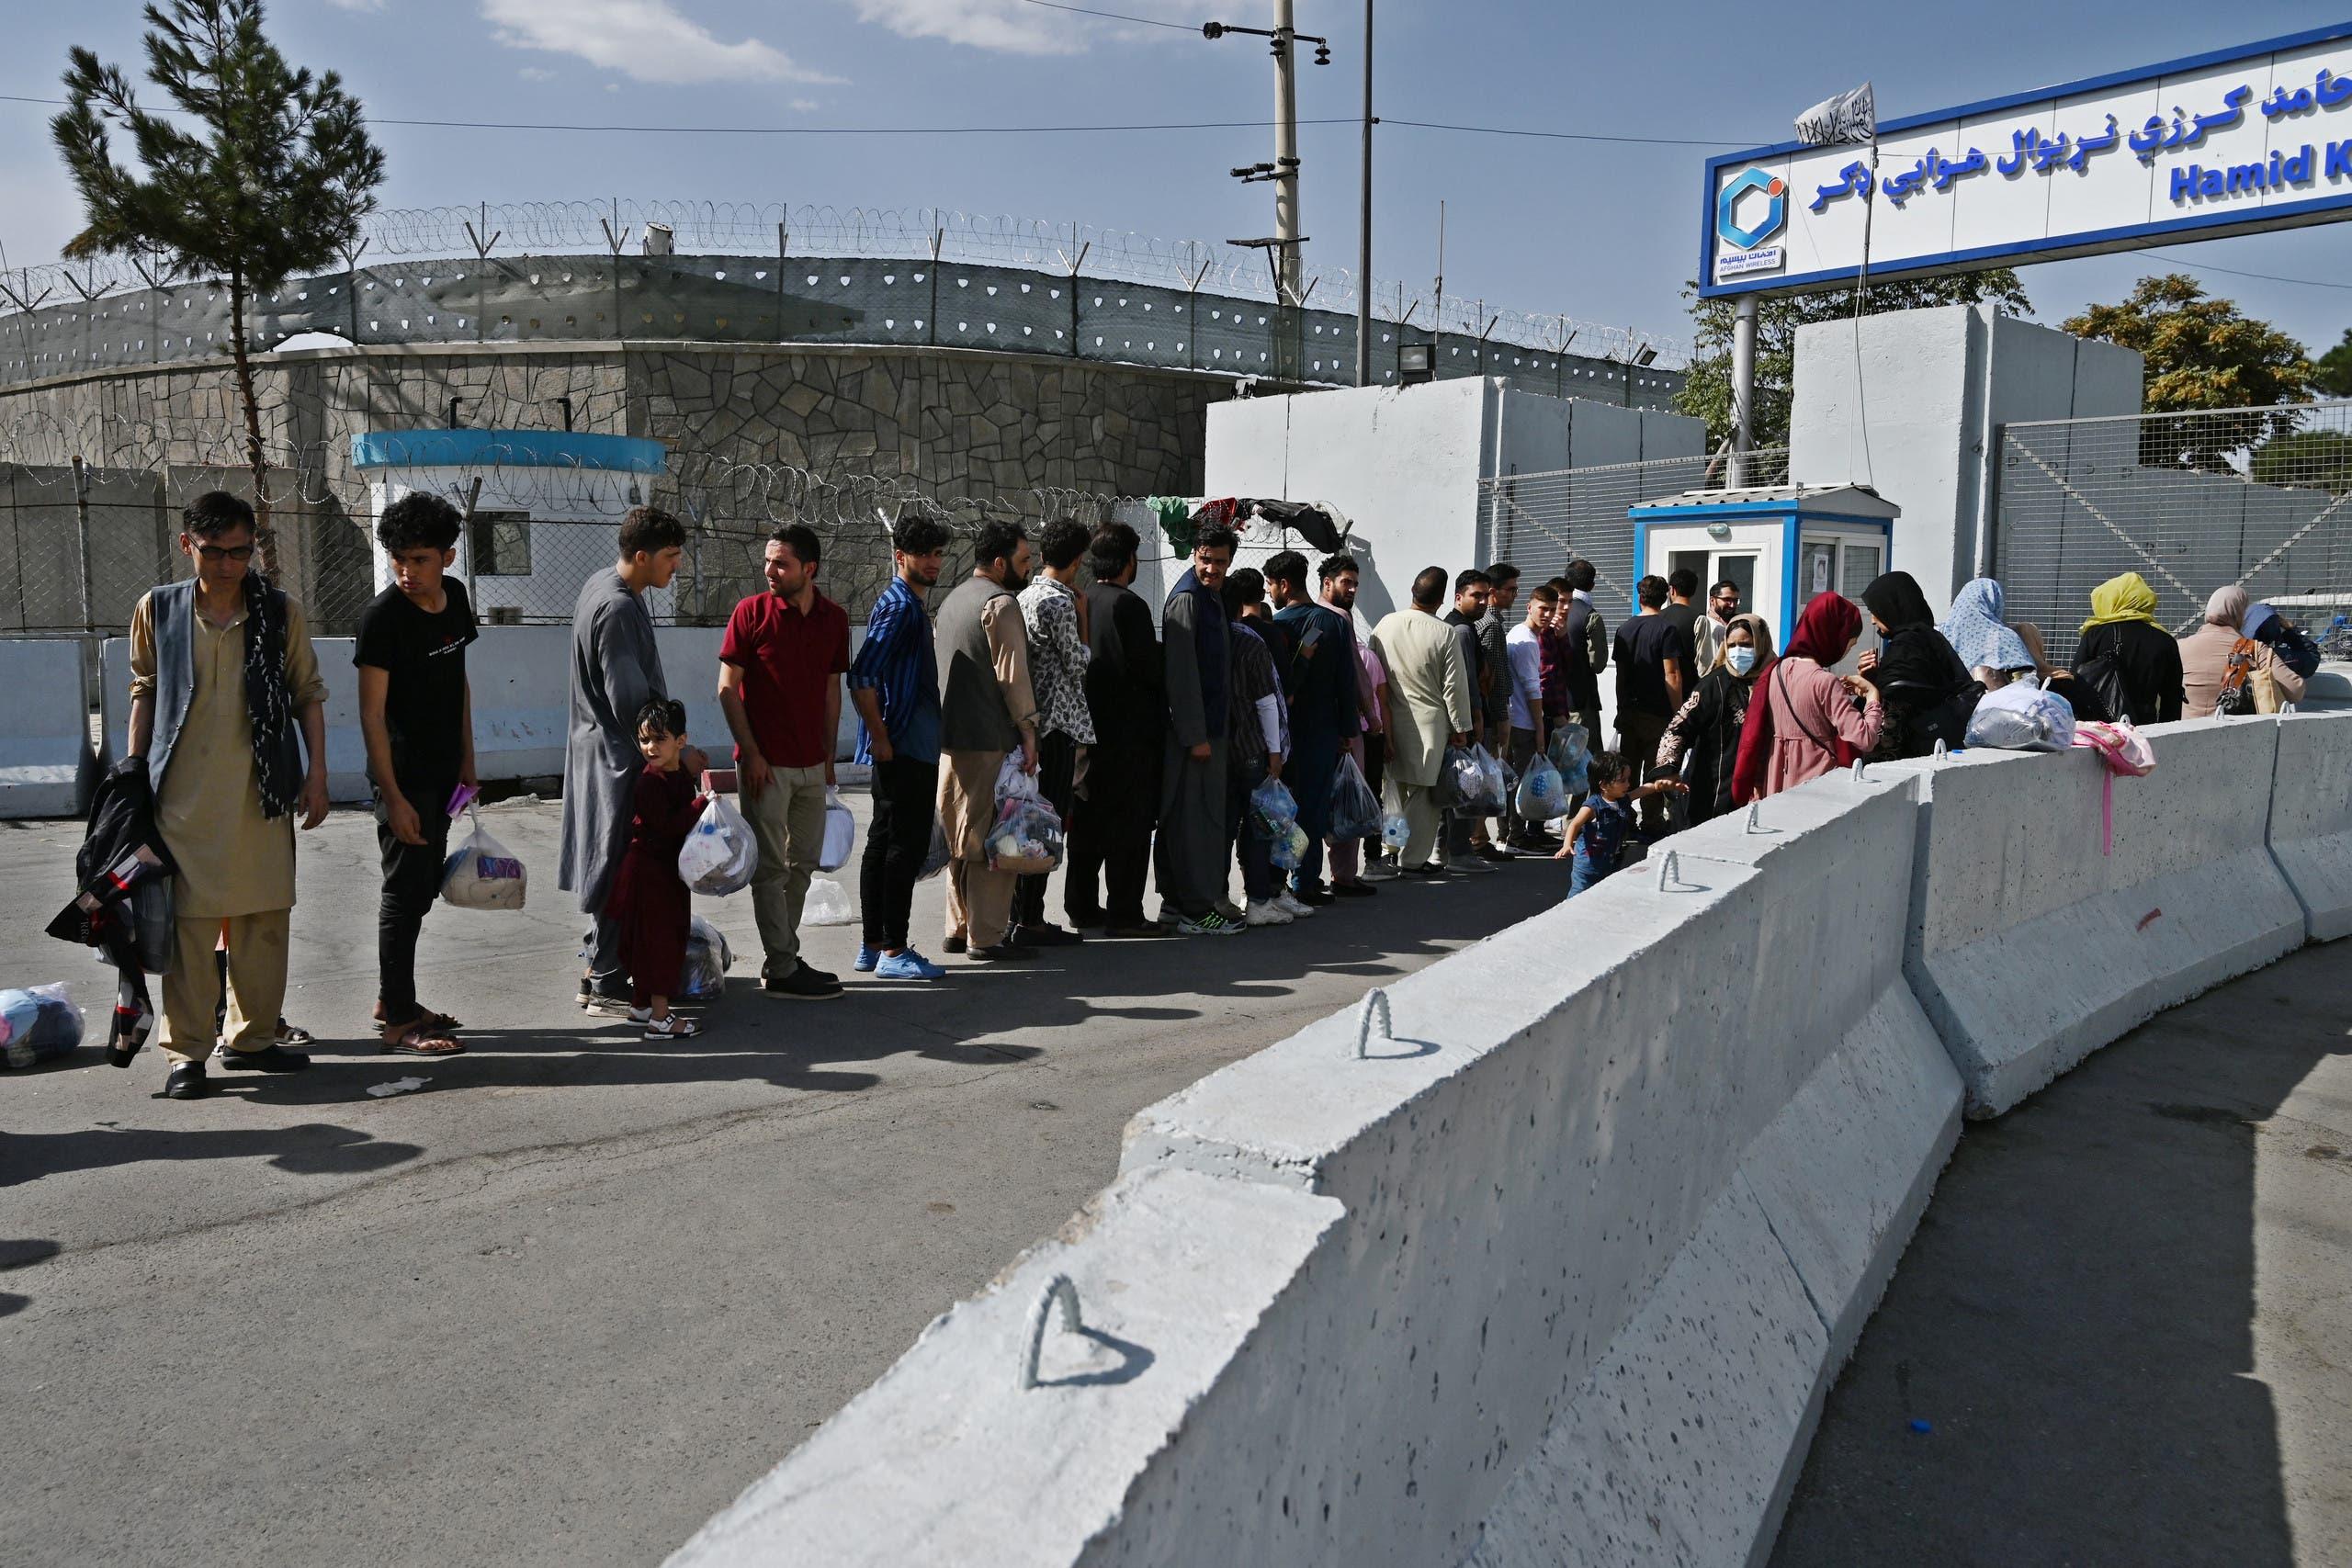 أفغان انتظروا قرب المطار السبت على أمل إجلائهم